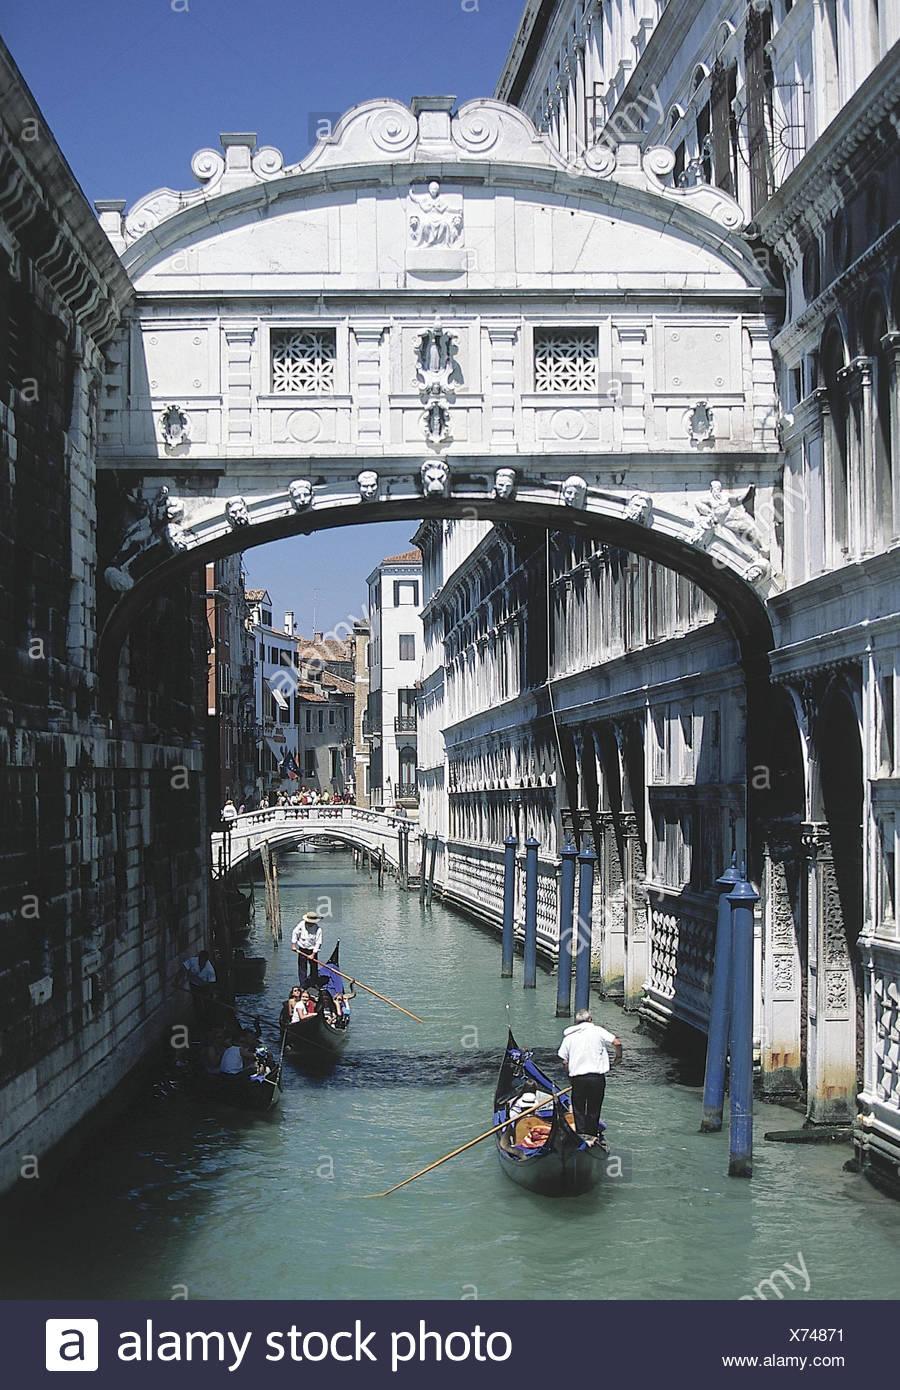 Italien, Venetien, Venedig, Seufzerbrücke   Lagunenstadt, Kanal, Wasserstraße, Überführung, Brücke, Ponte dei Sospiri, Bauwerk,  Sehenswürdigkeit, außen - Stock Image